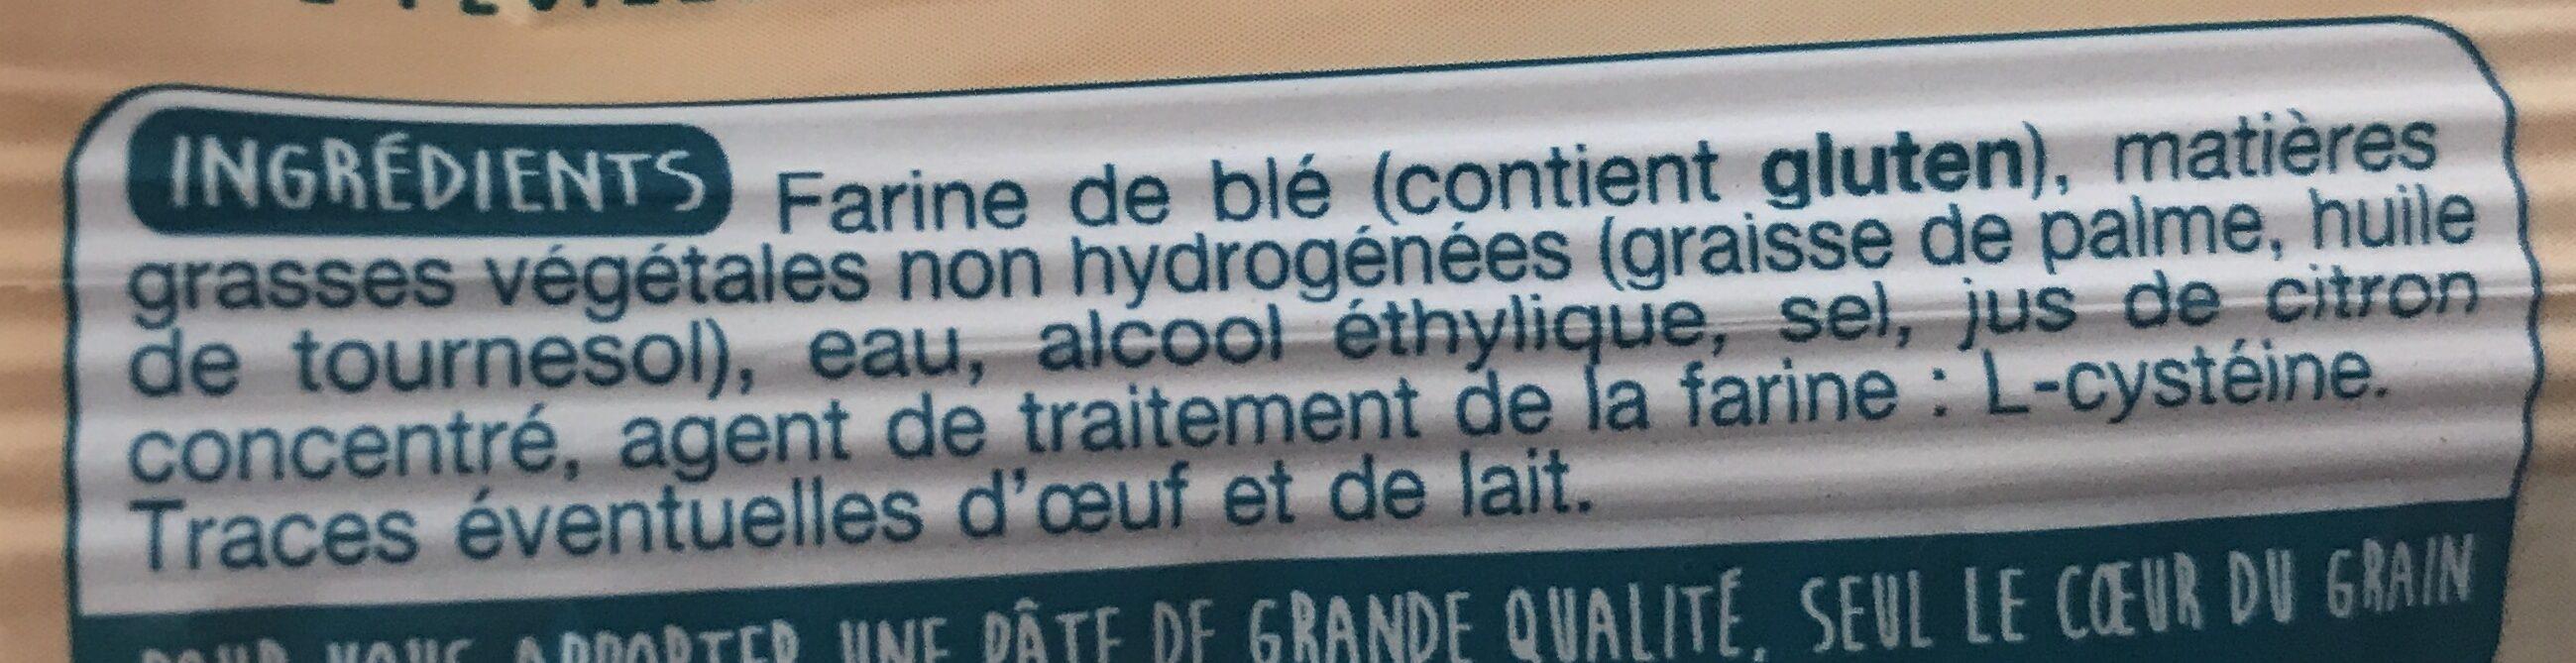 Pâte Feuilletée Rectangulaire - Ingredients